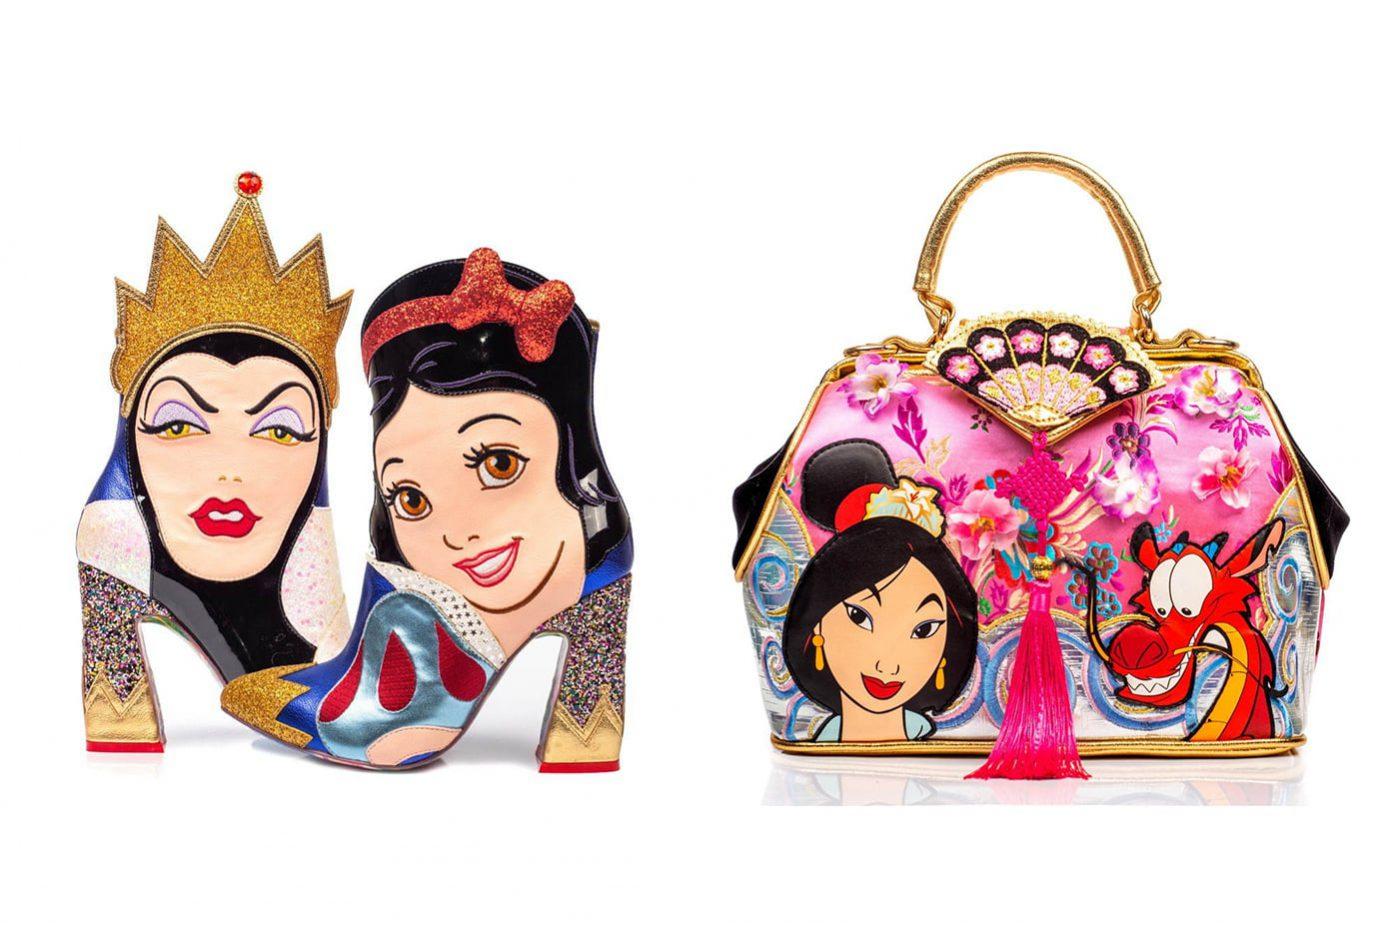 【童話故事轉戰時尚圈?】英國品牌Irregular Choice推出超高調時尚精品,讓你一秒麻雀變皇后!